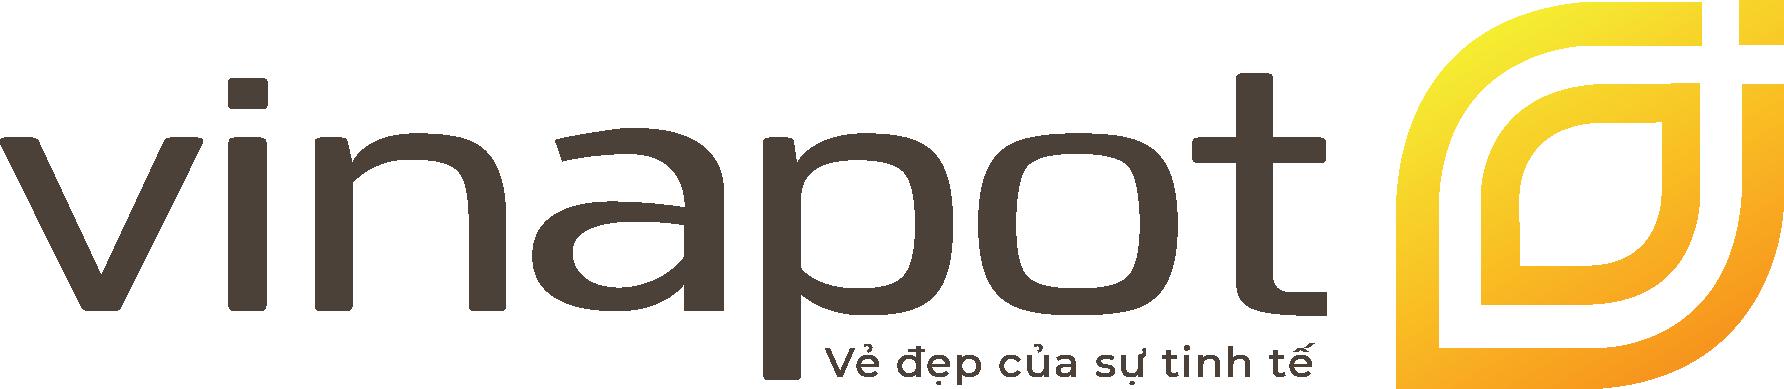 Vinapot – Thương hiệu chậu cây composite, xi măng fiber, chậu tự tưới cao cấp